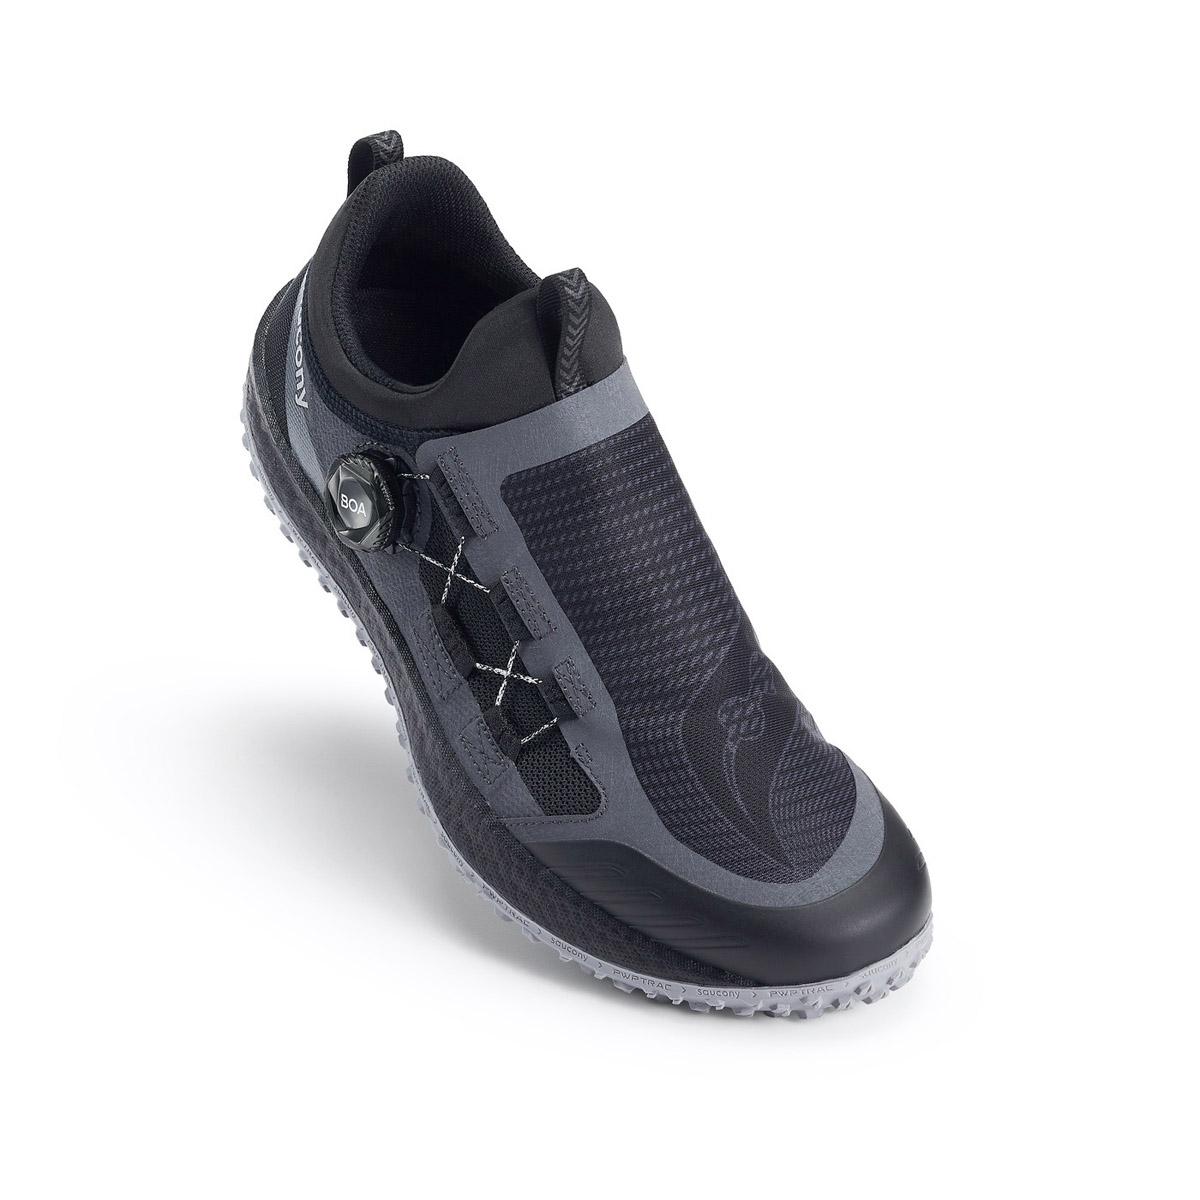 Nouveauté Boa® Fit System chez Saucony et Adidas